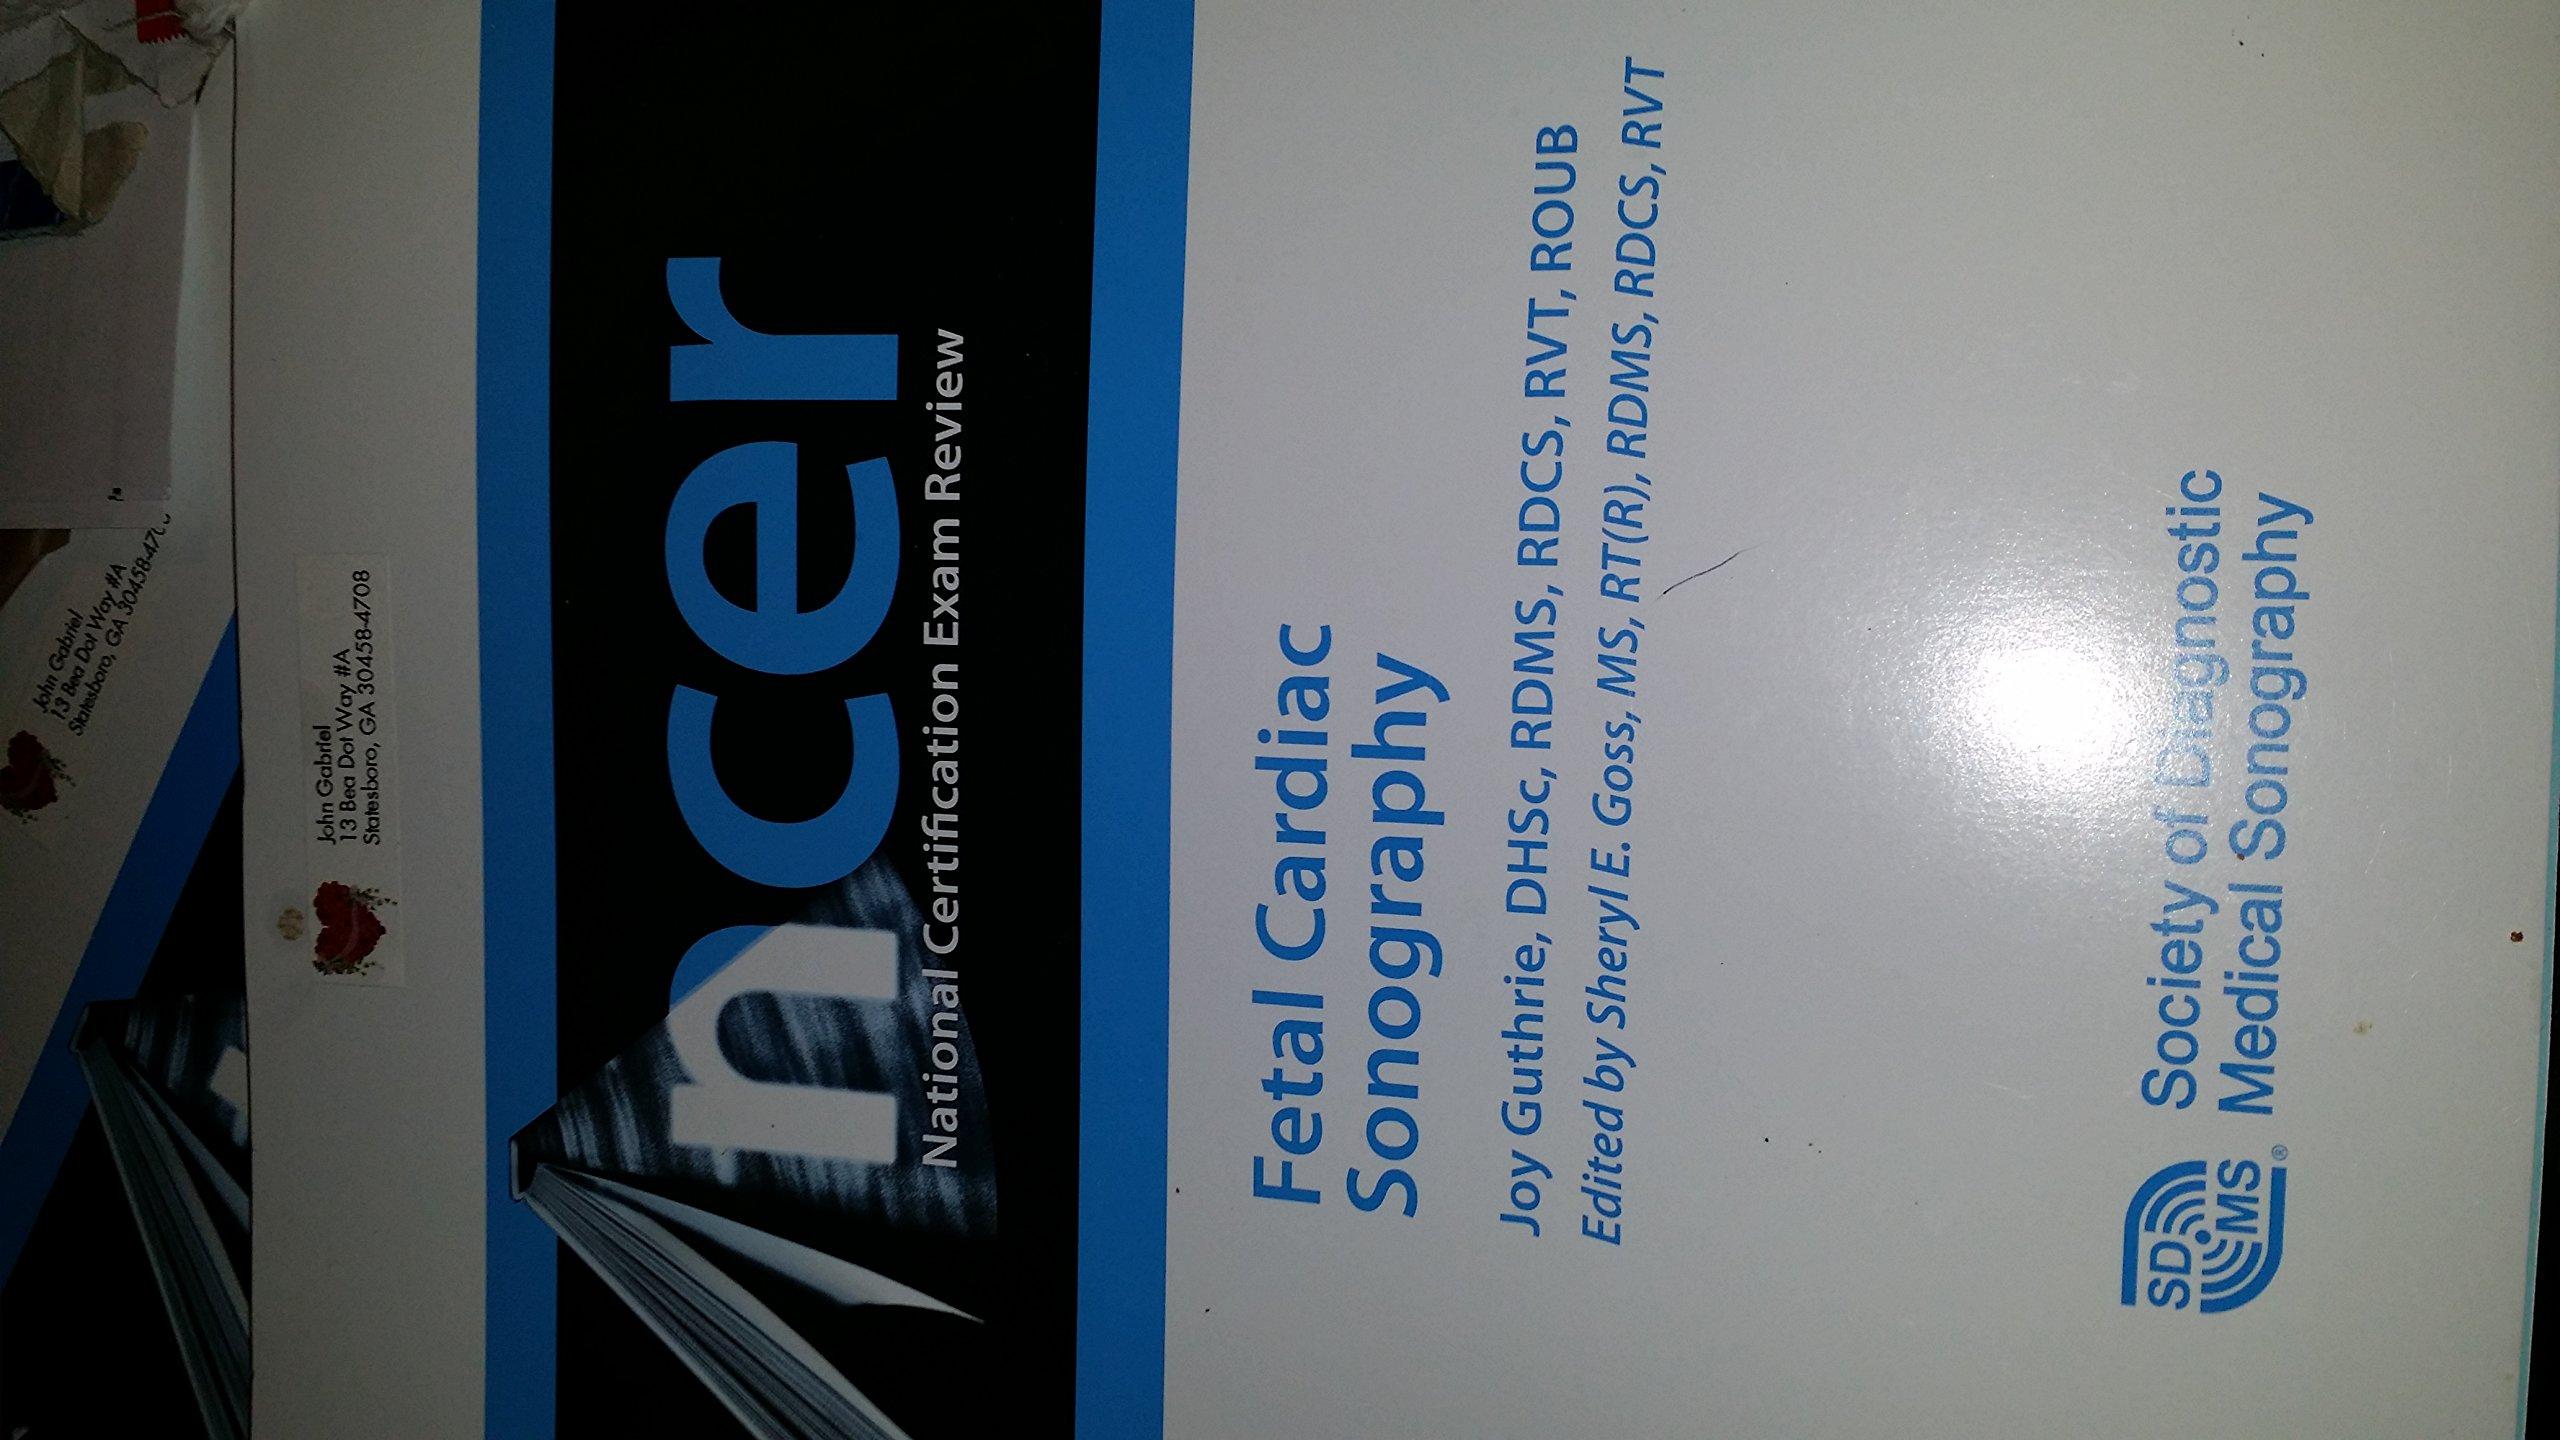 Ncer fetal cardiac sonography cert review joy guthrie ncer fetal cardiac sonography cert review joy guthrie 9781935480068 amazon books xflitez Images